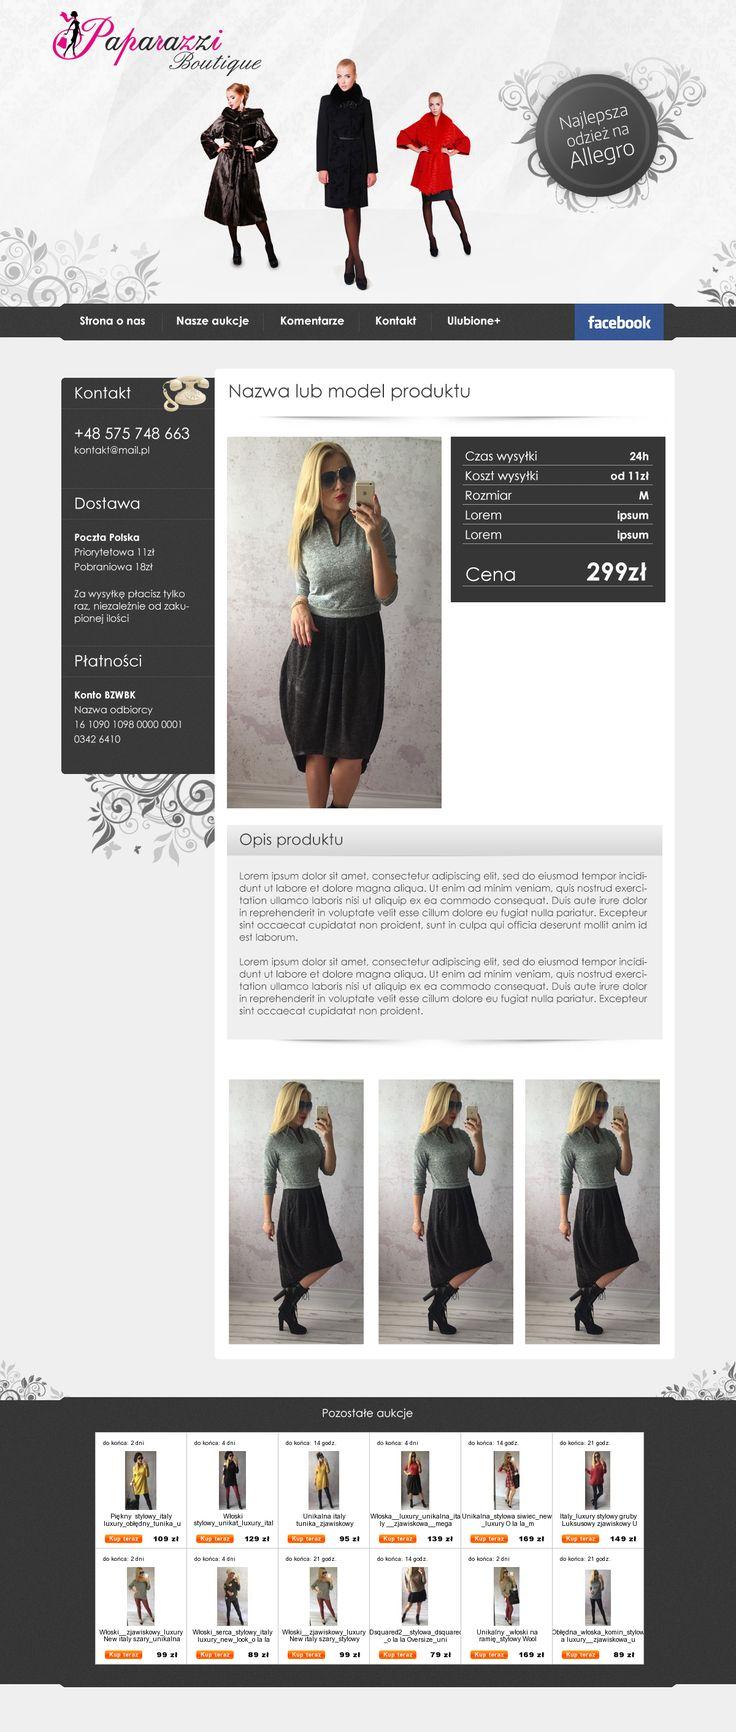 Szablon aukcyjny dla firmy Paparazzi sprzedającej ubrania damskie na Allegro. #szablonallegro #odziezdamska #allegro #allegrodesign